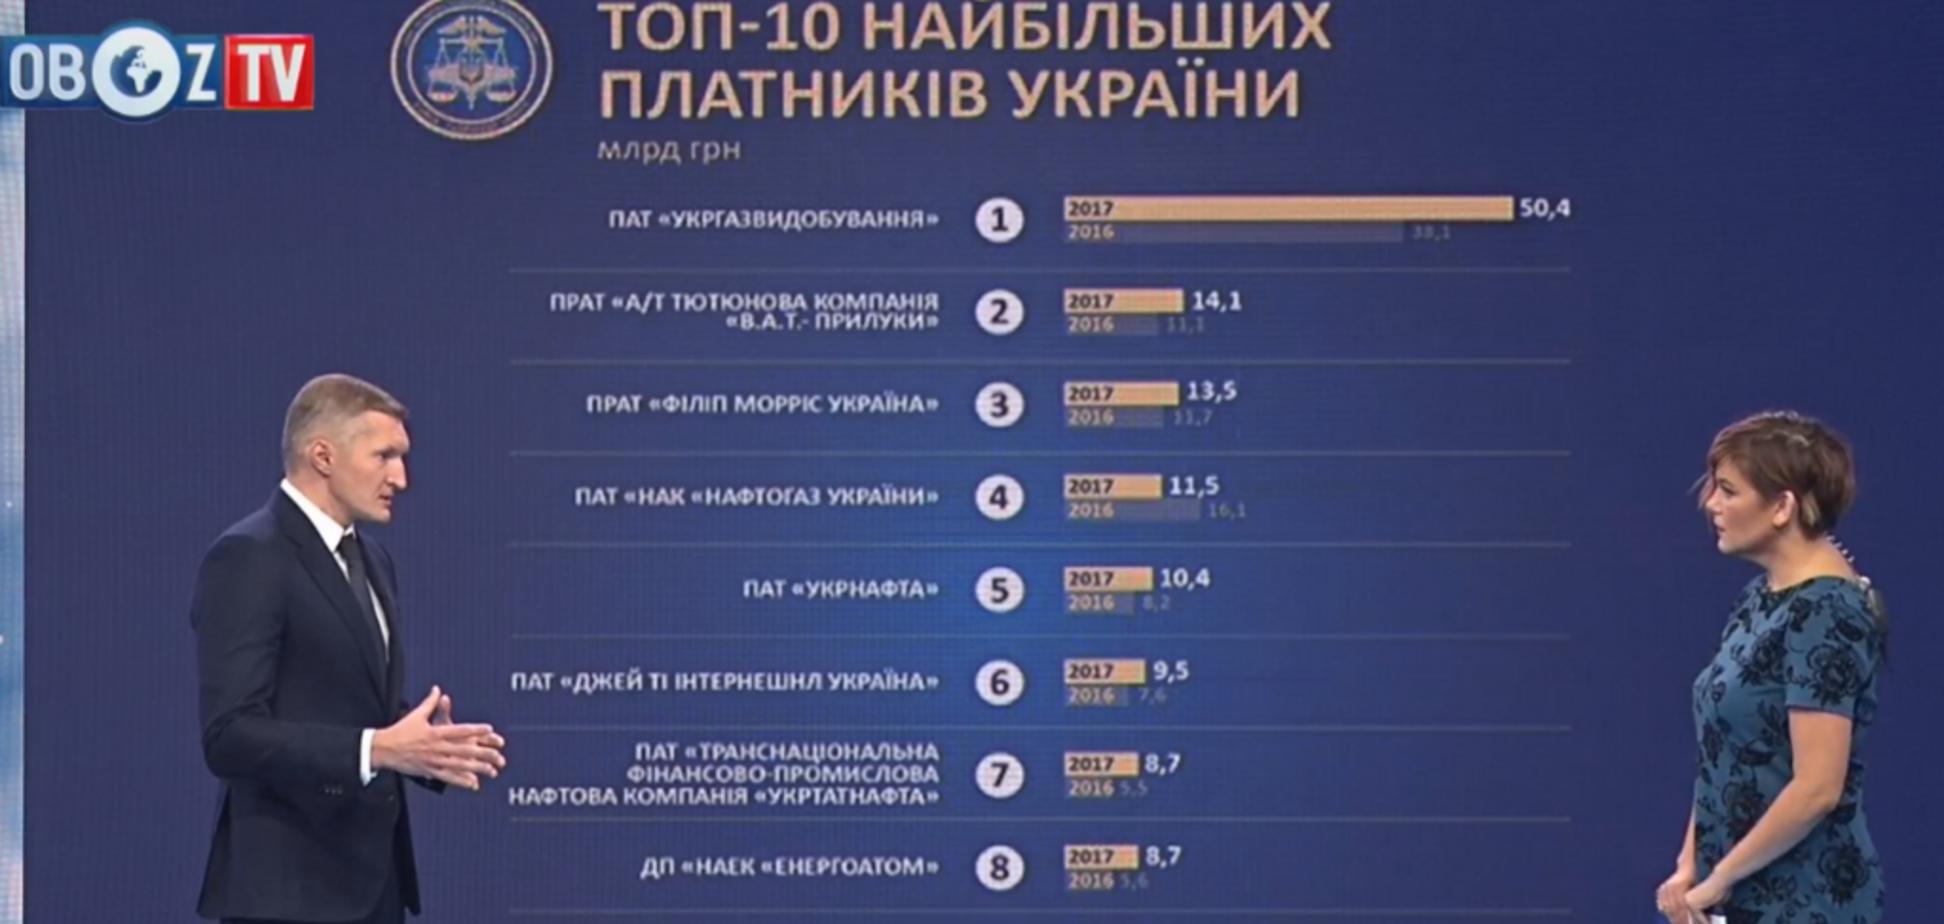 Проблема налогового долга 'Укрнафты' остается - замглавы ГФС